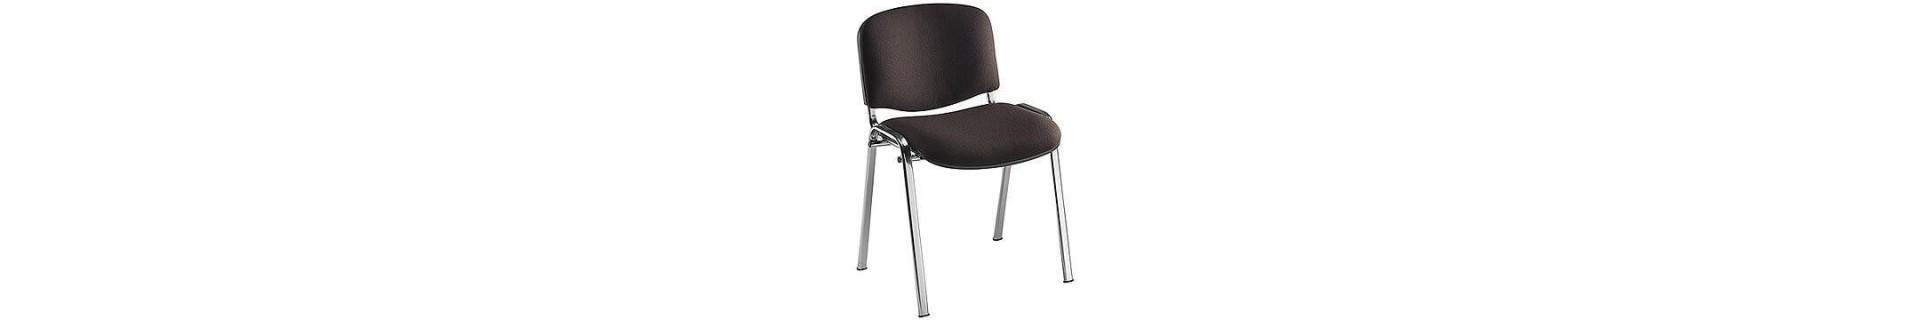 chaise réunion : housses de chaise